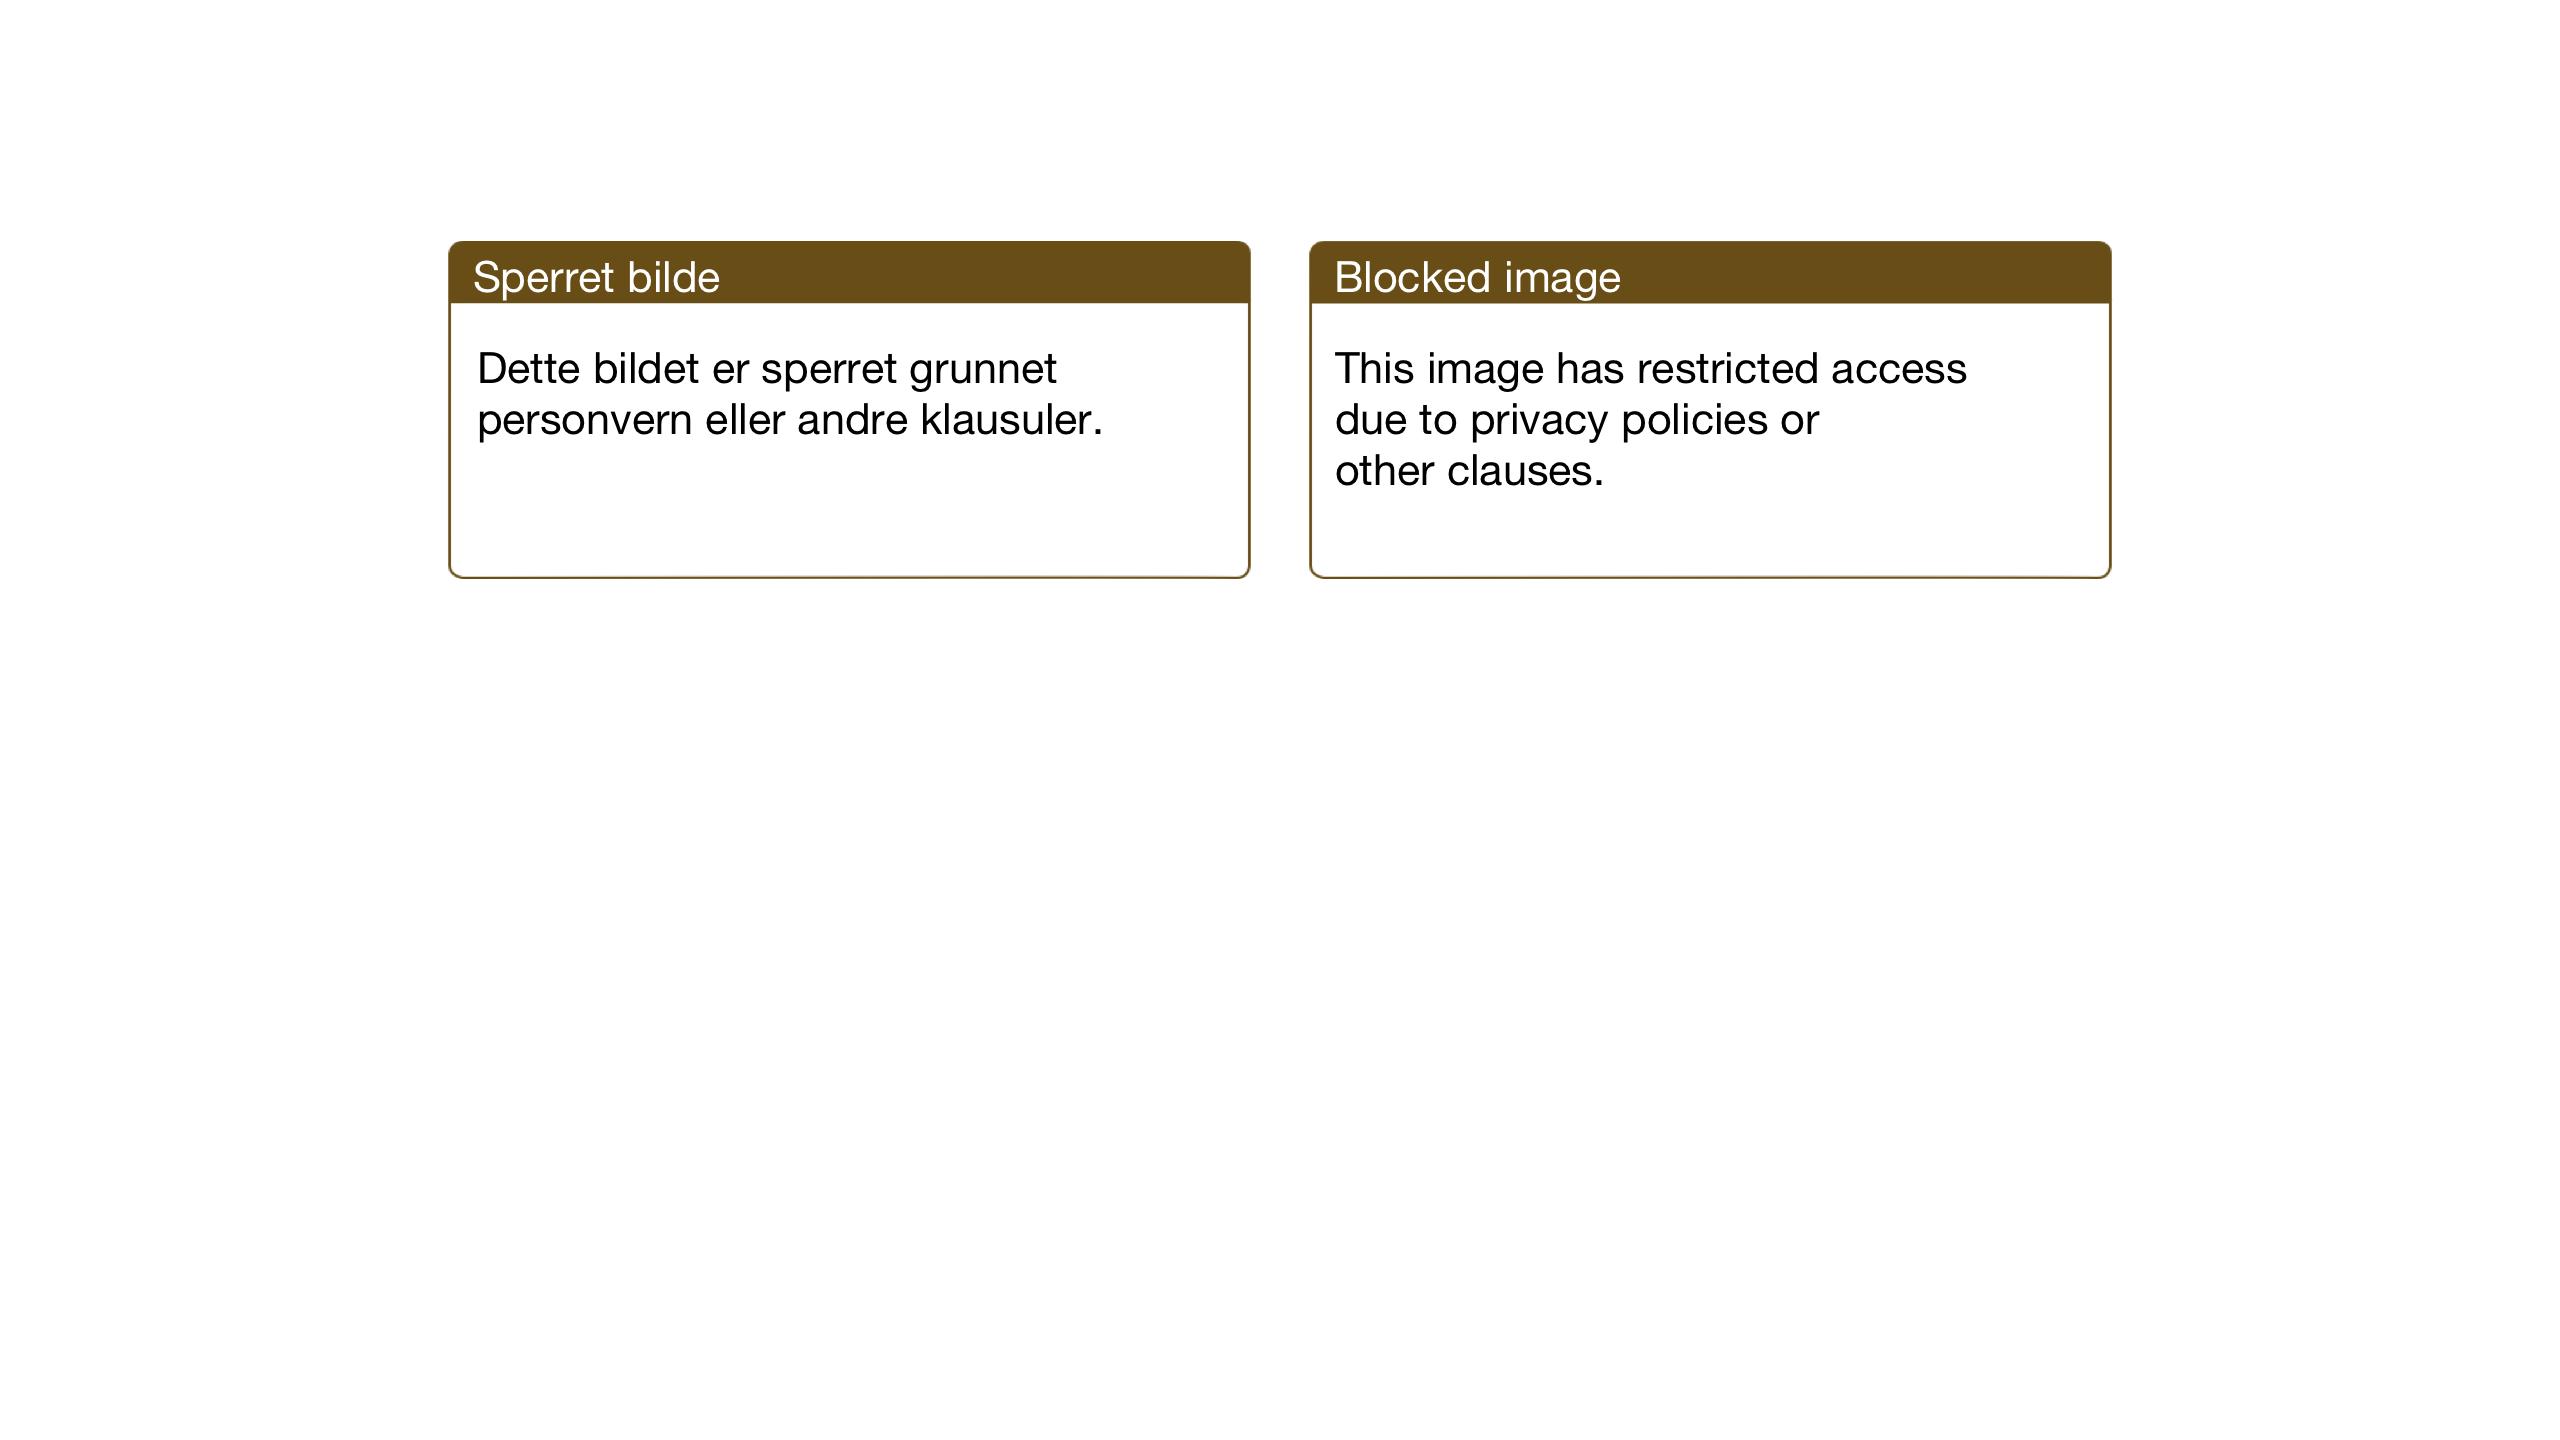 SAT, Ministerialprotokoller, klokkerbøker og fødselsregistre - Sør-Trøndelag, 603/L0177: Klokkerbok nr. 603C05, 1941-1952, s. 228